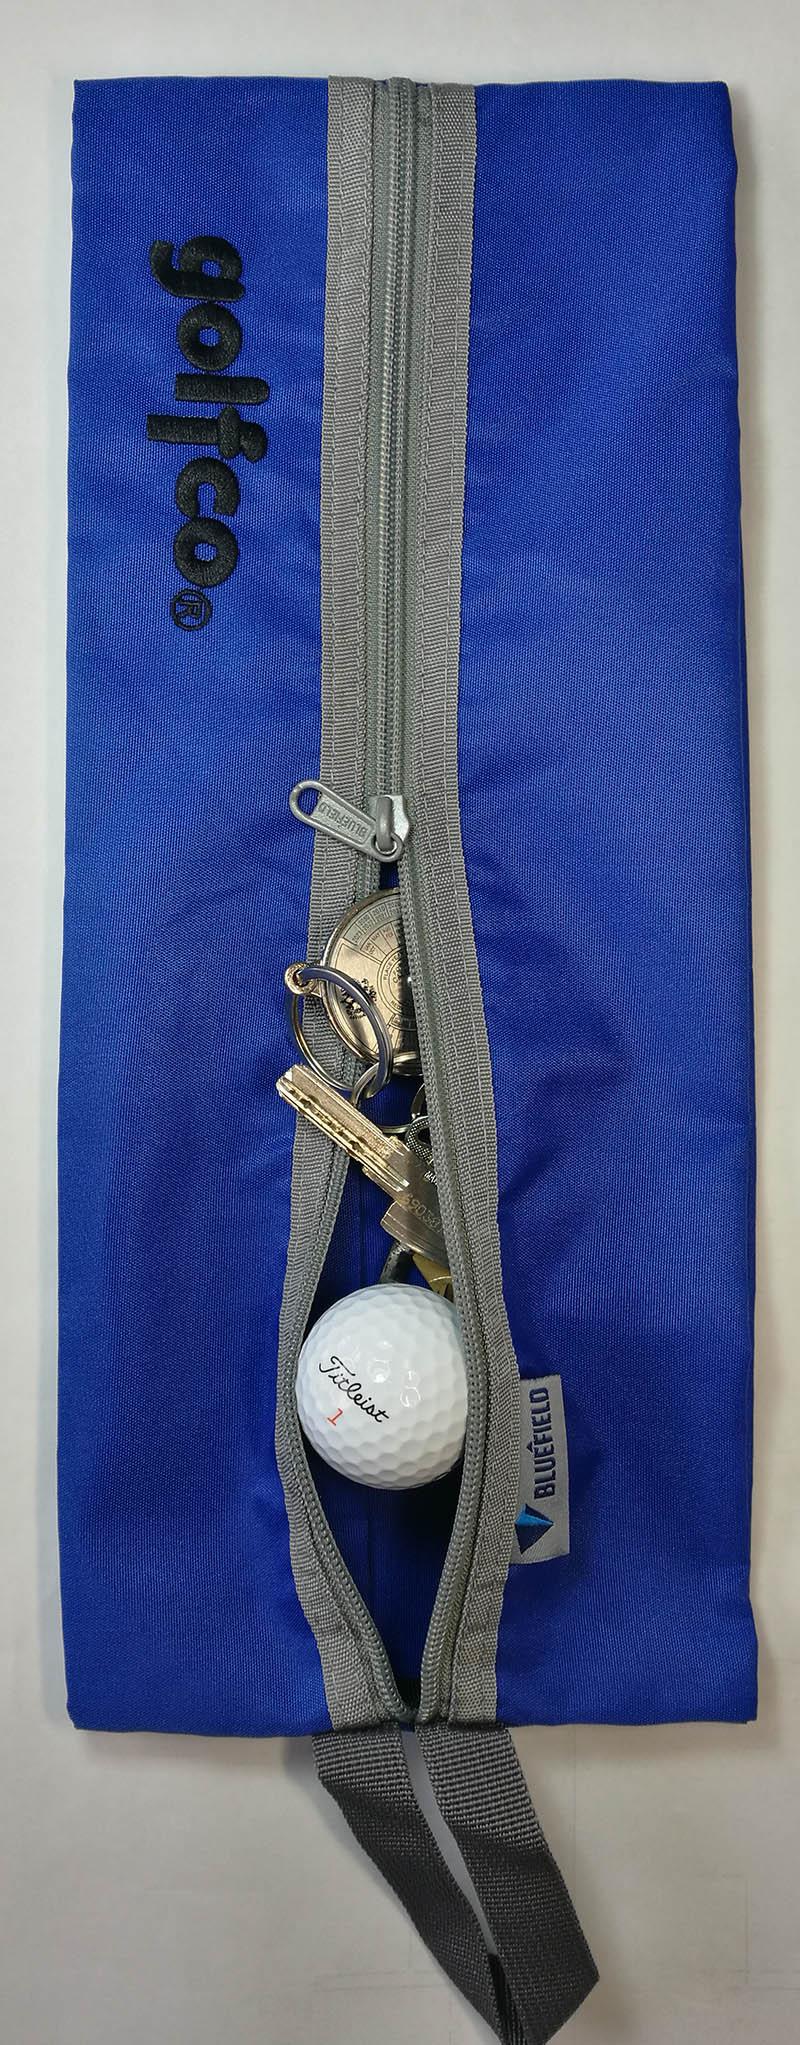 Esstuche golfco organizador de bolas de golf y otros 01